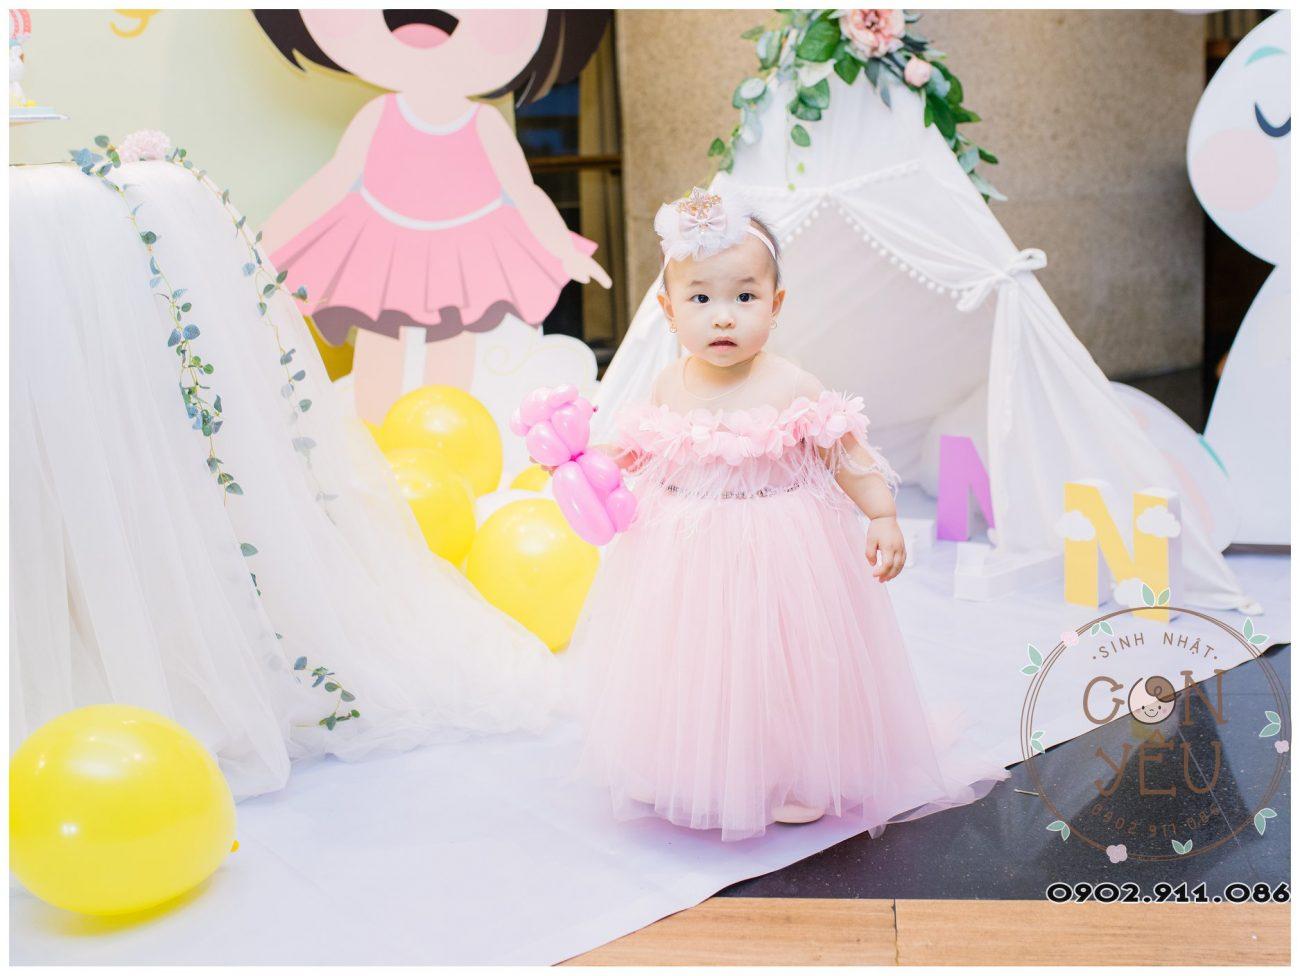 Trang trí sinh nhật cho bé Thiên An